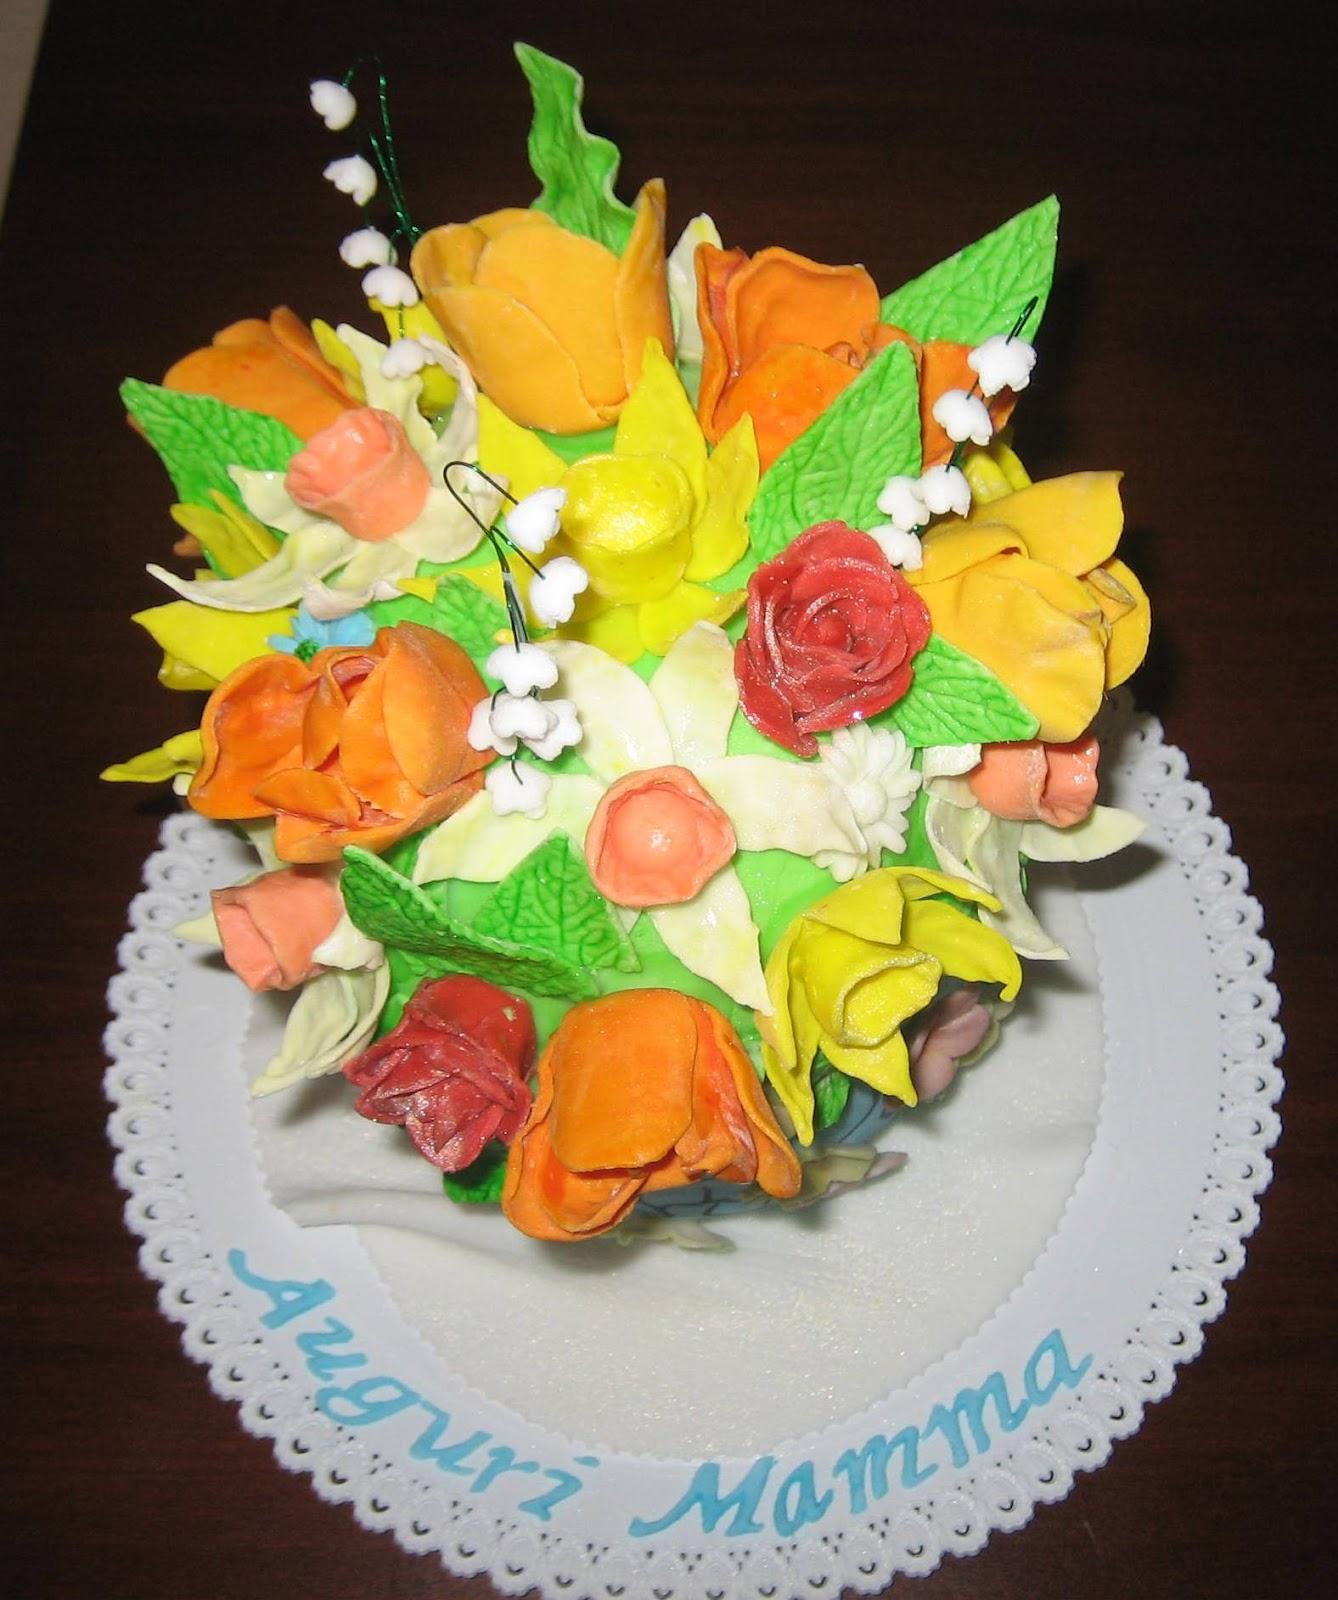 torte e biscotti decorati per bomboniere golose torta